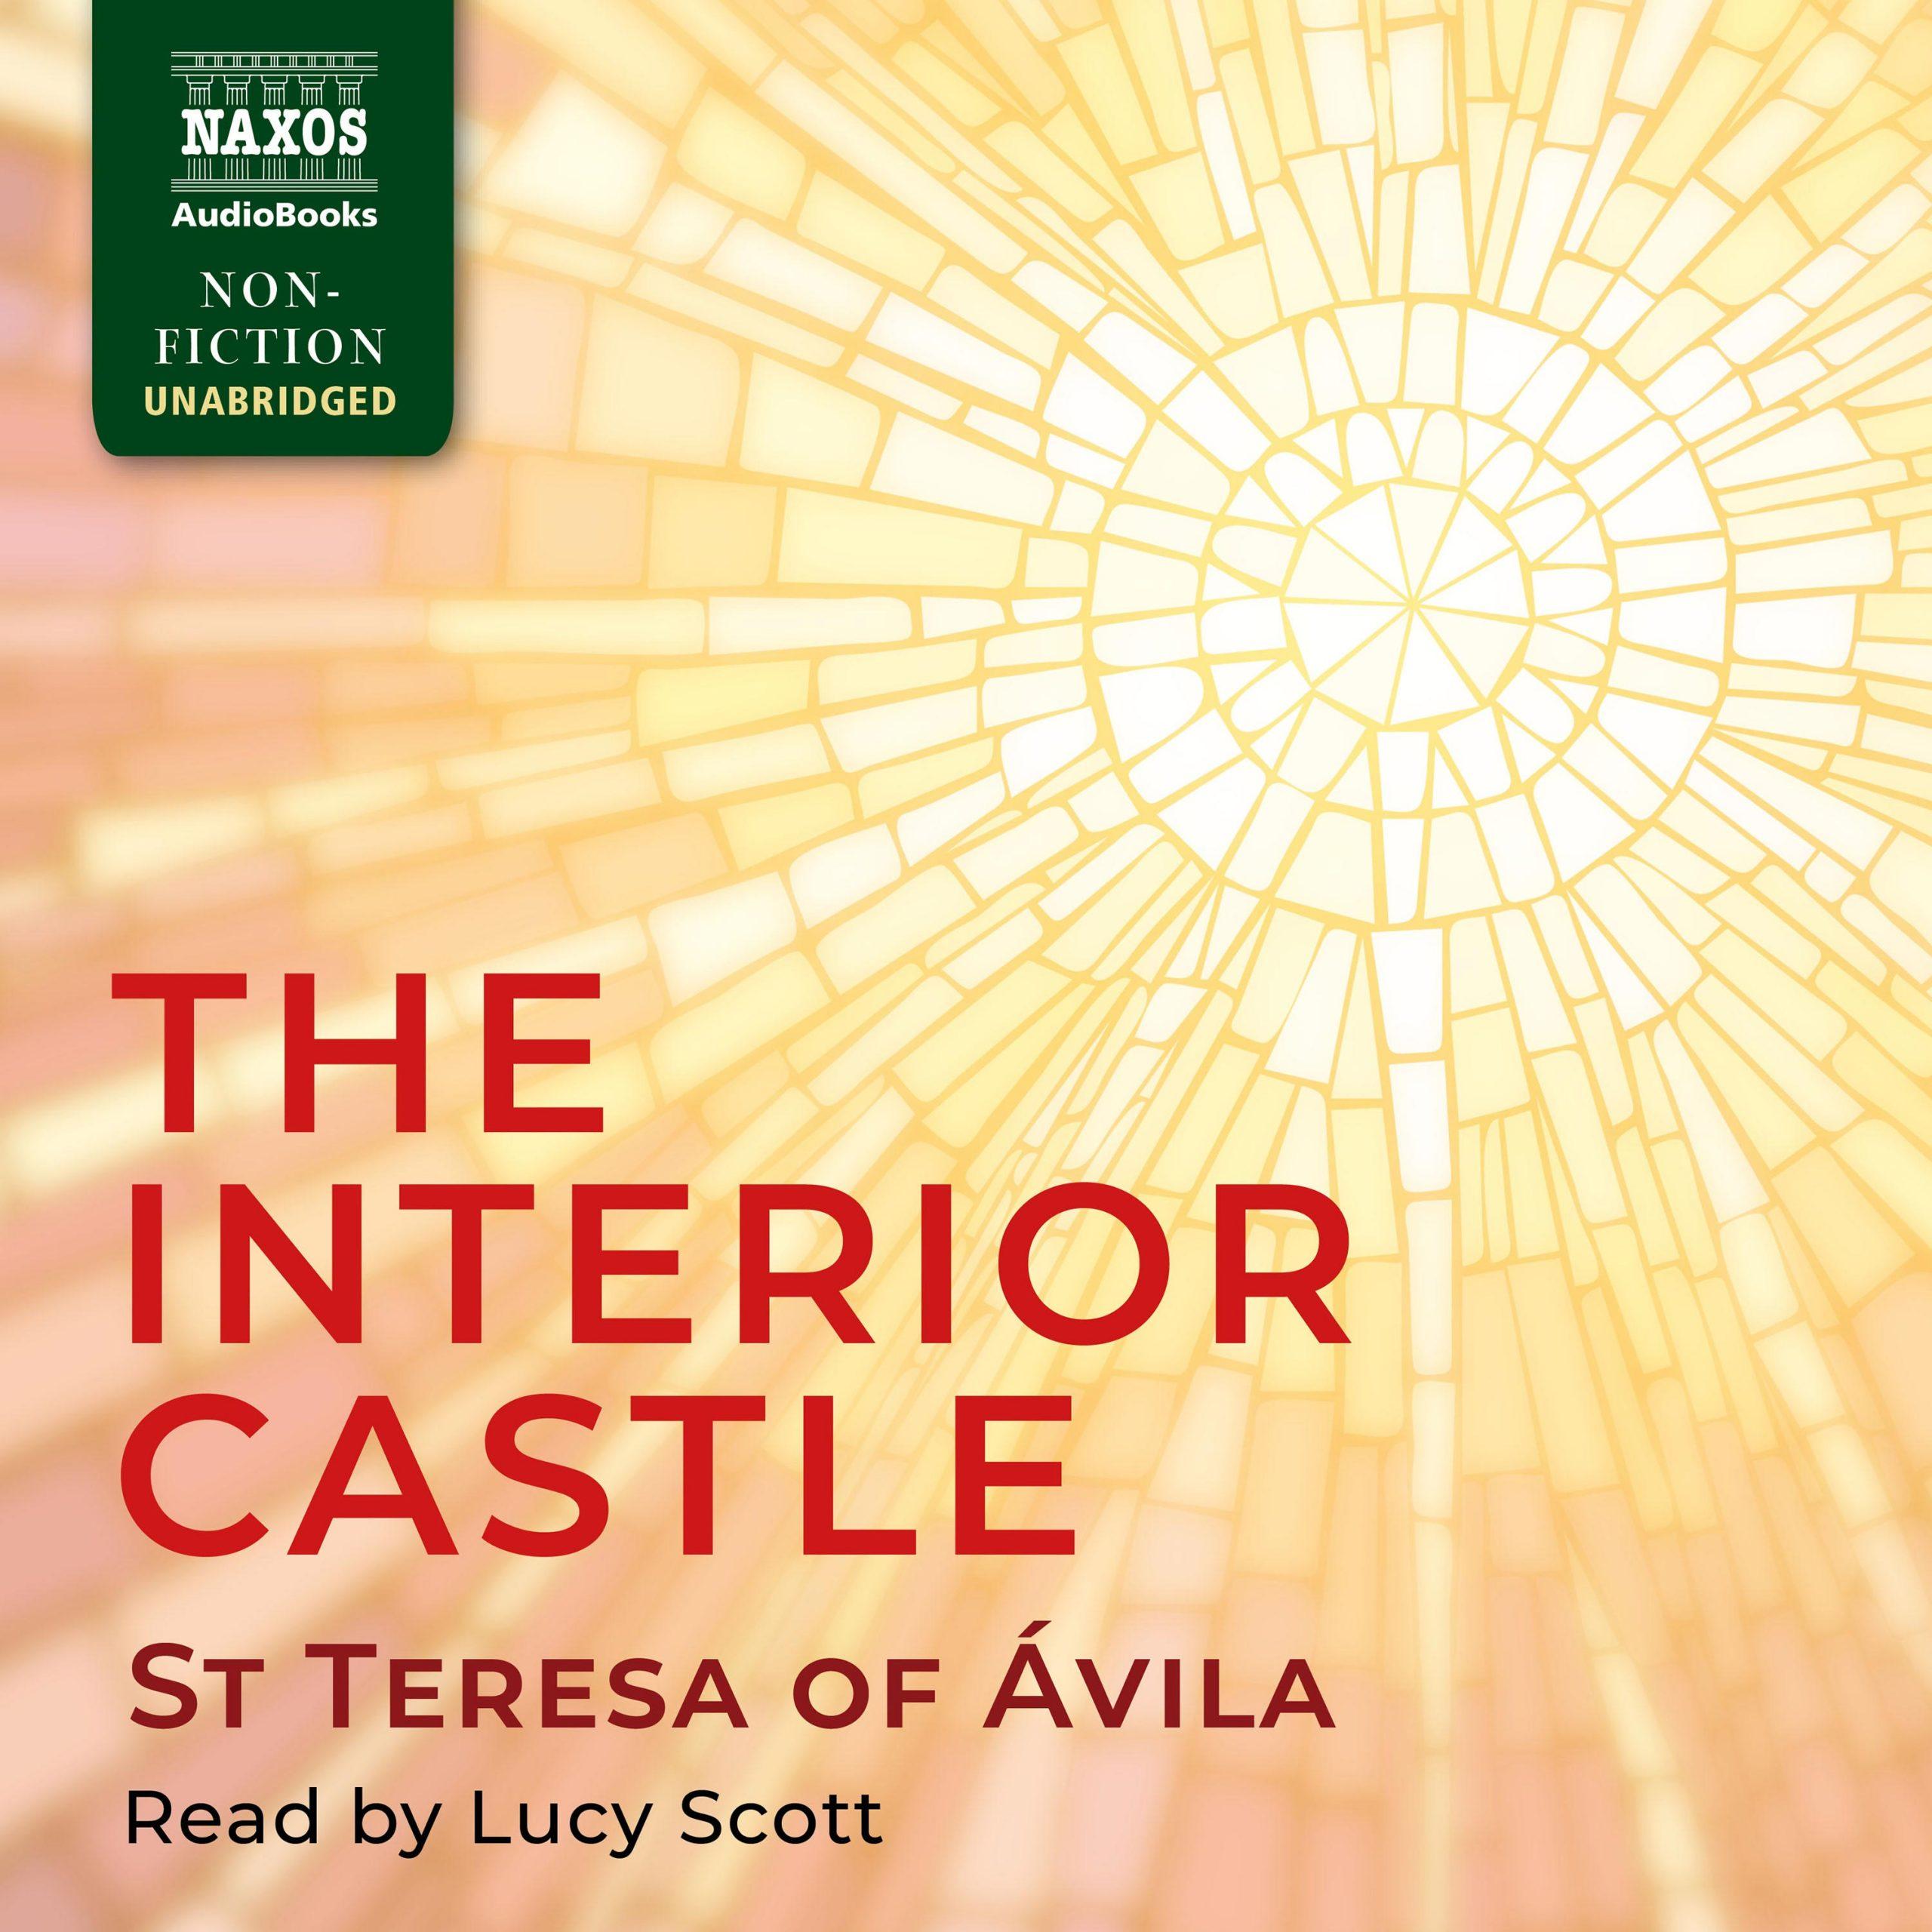 The Interior Castle (unabridged)